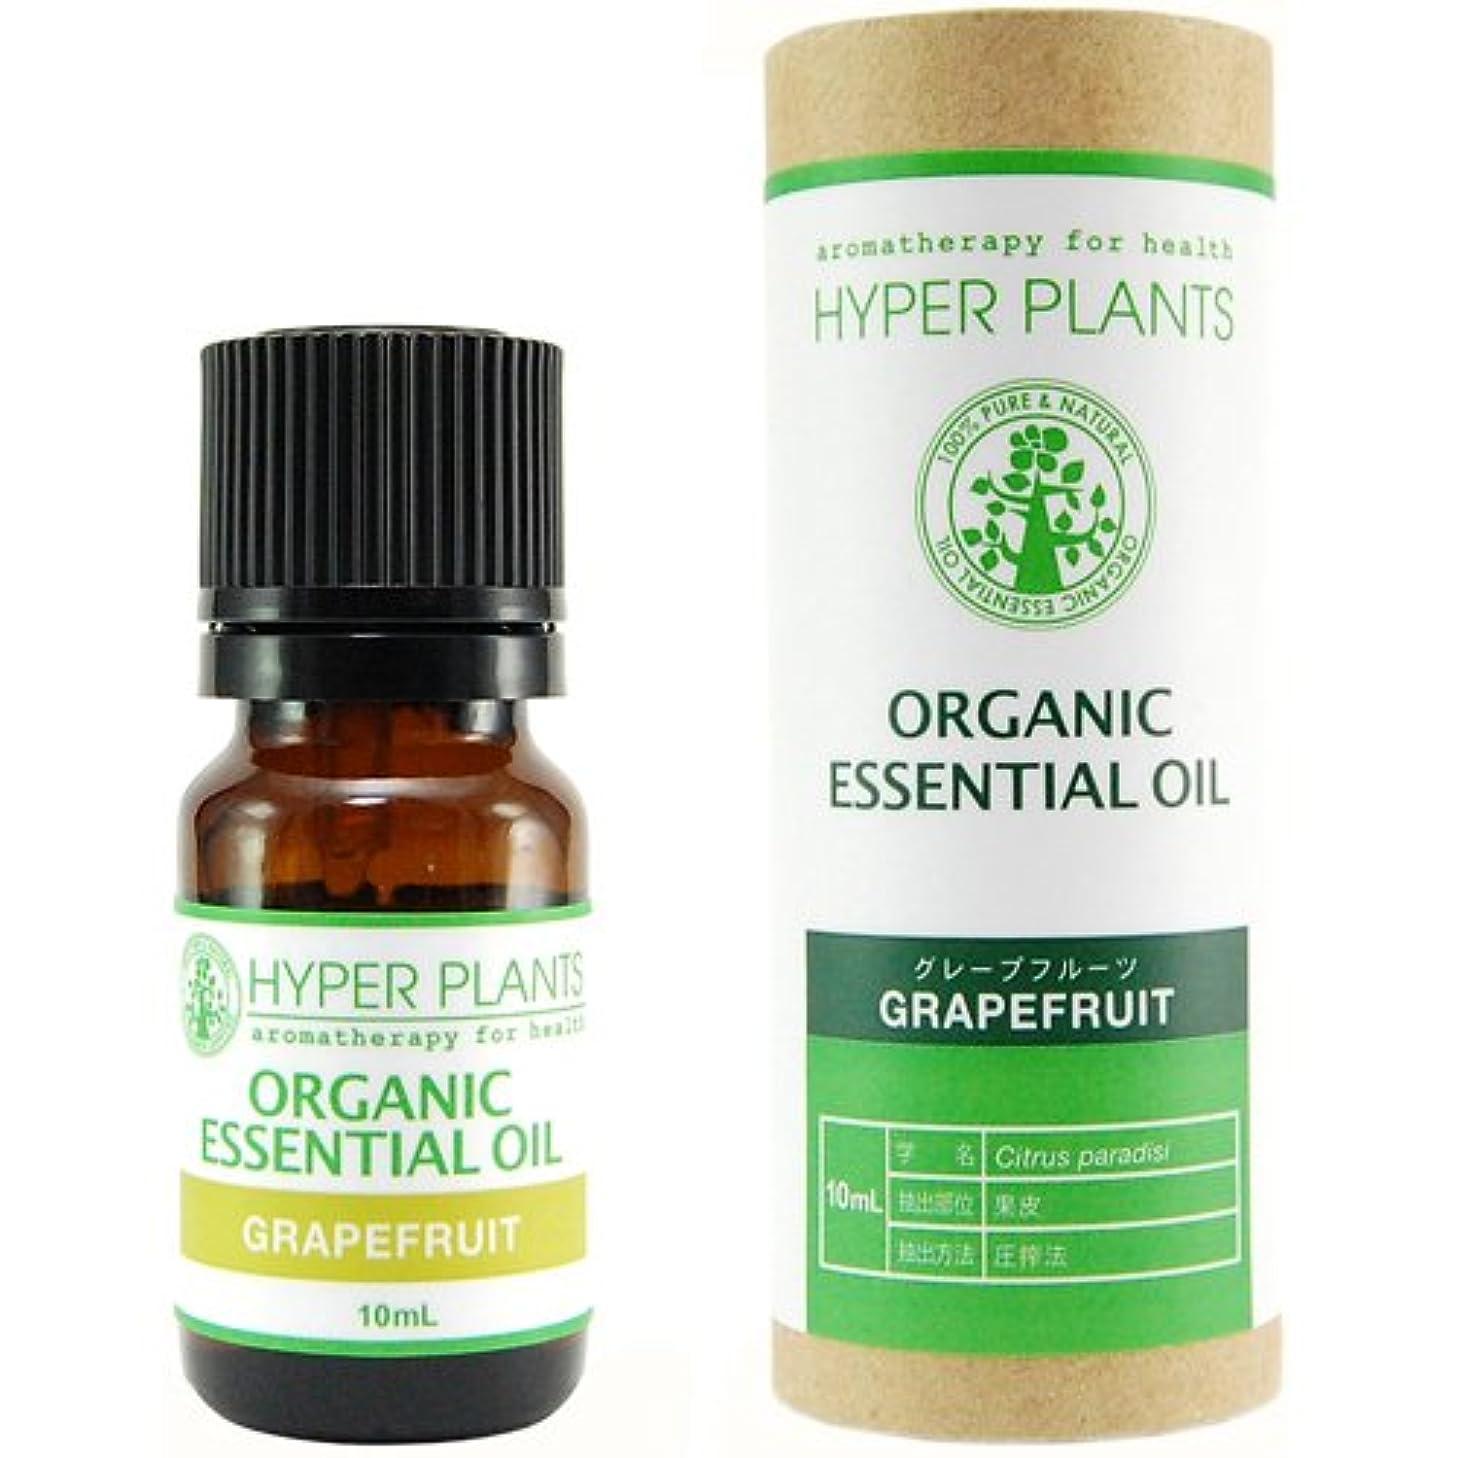 プレビスサイト怒ってケーブルカーHYPER PLANTS ハイパープランツ オーガニックエッセンシャルオイル グレープフルーツ 10ml HE0210